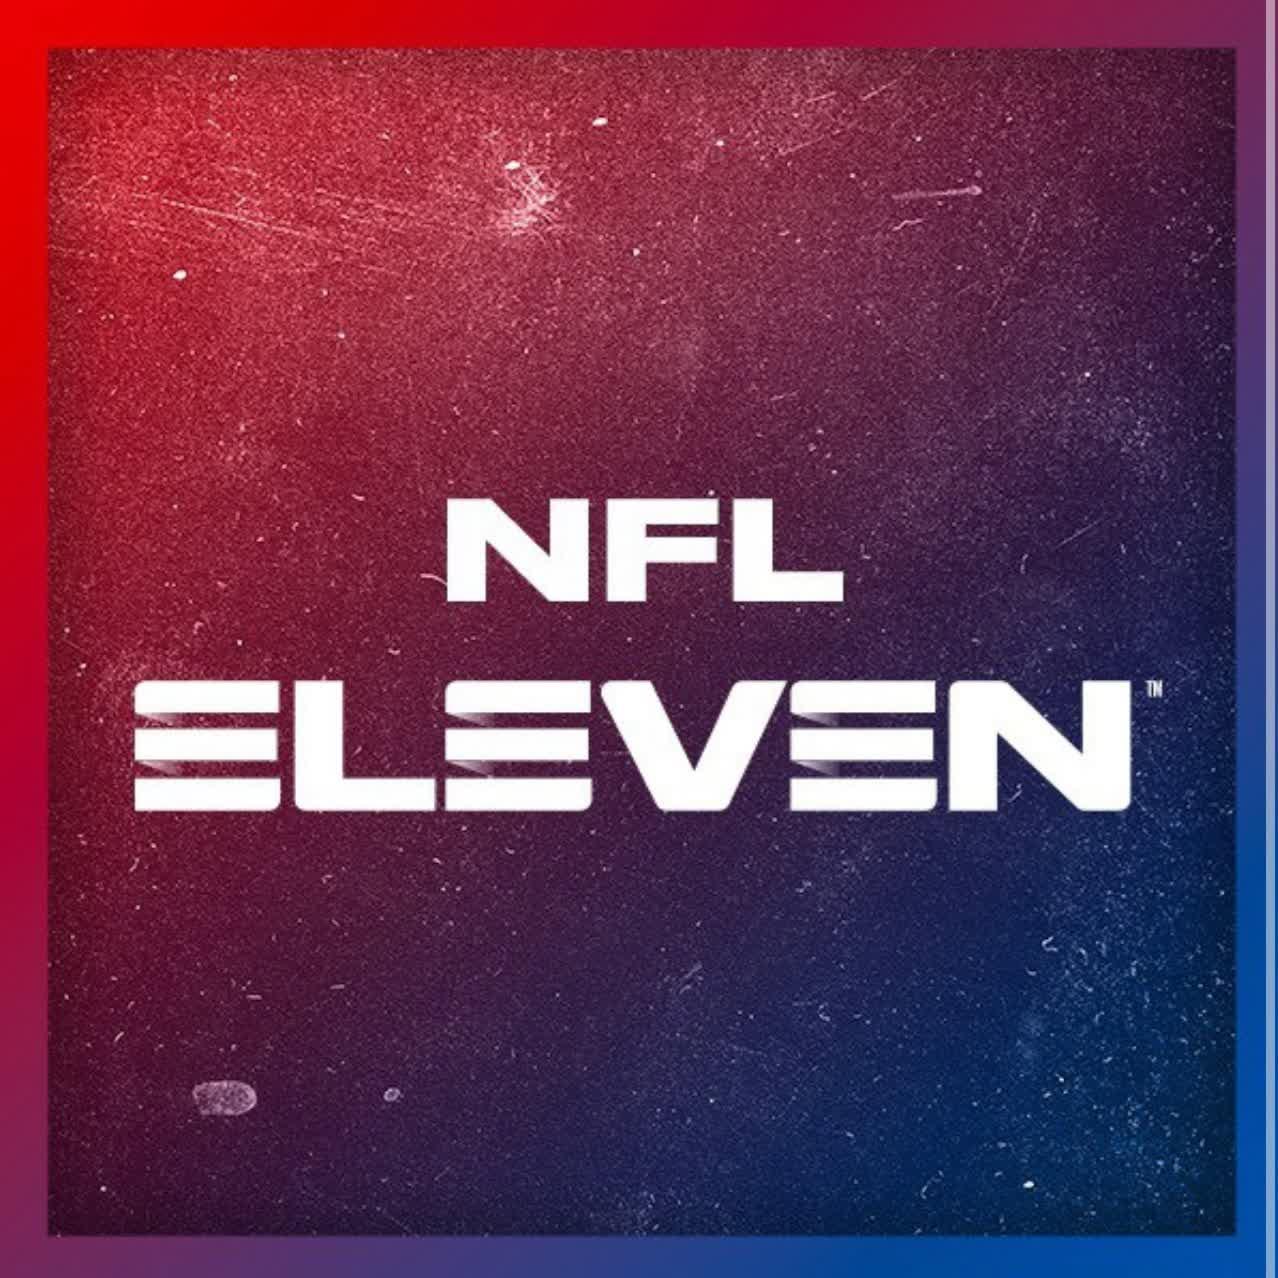 NFL ELEVEN - Memória curta